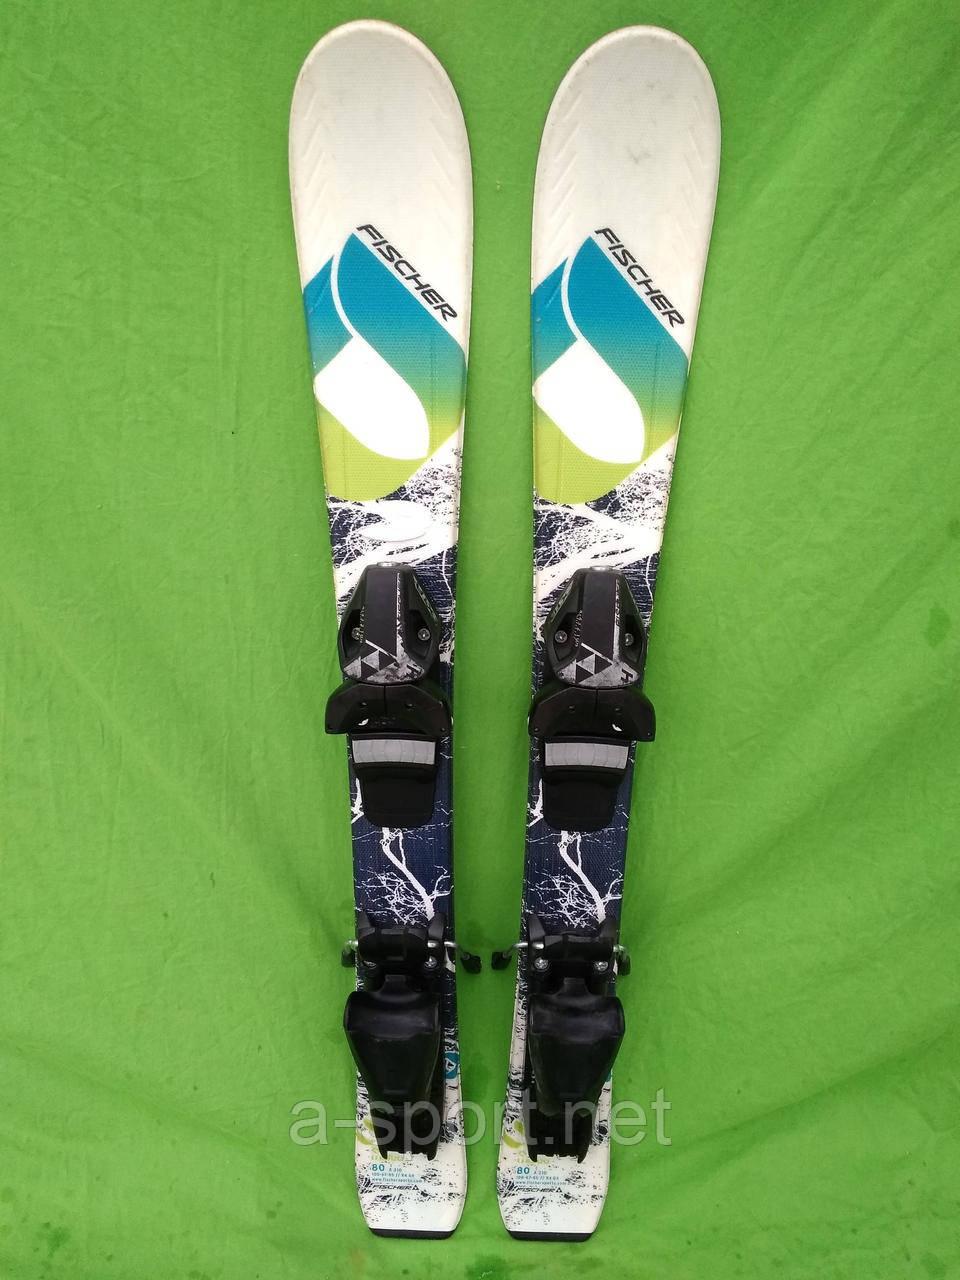 Дитячі гірські лижі Fisher Wotea 80 см  продажа f479178bd7ed2